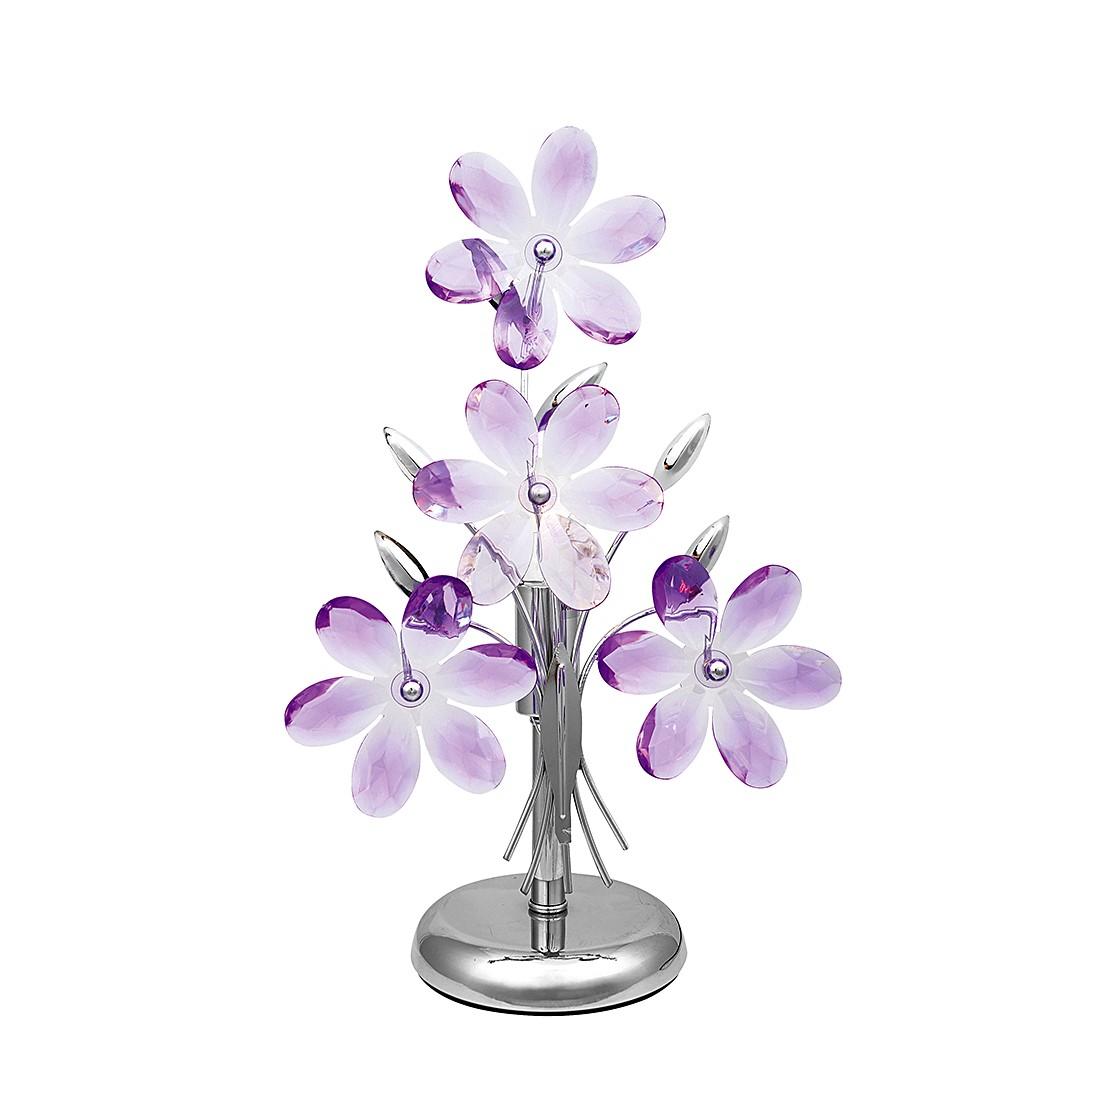 Tischleuchte Purple ● 1-flammig- Lux A++